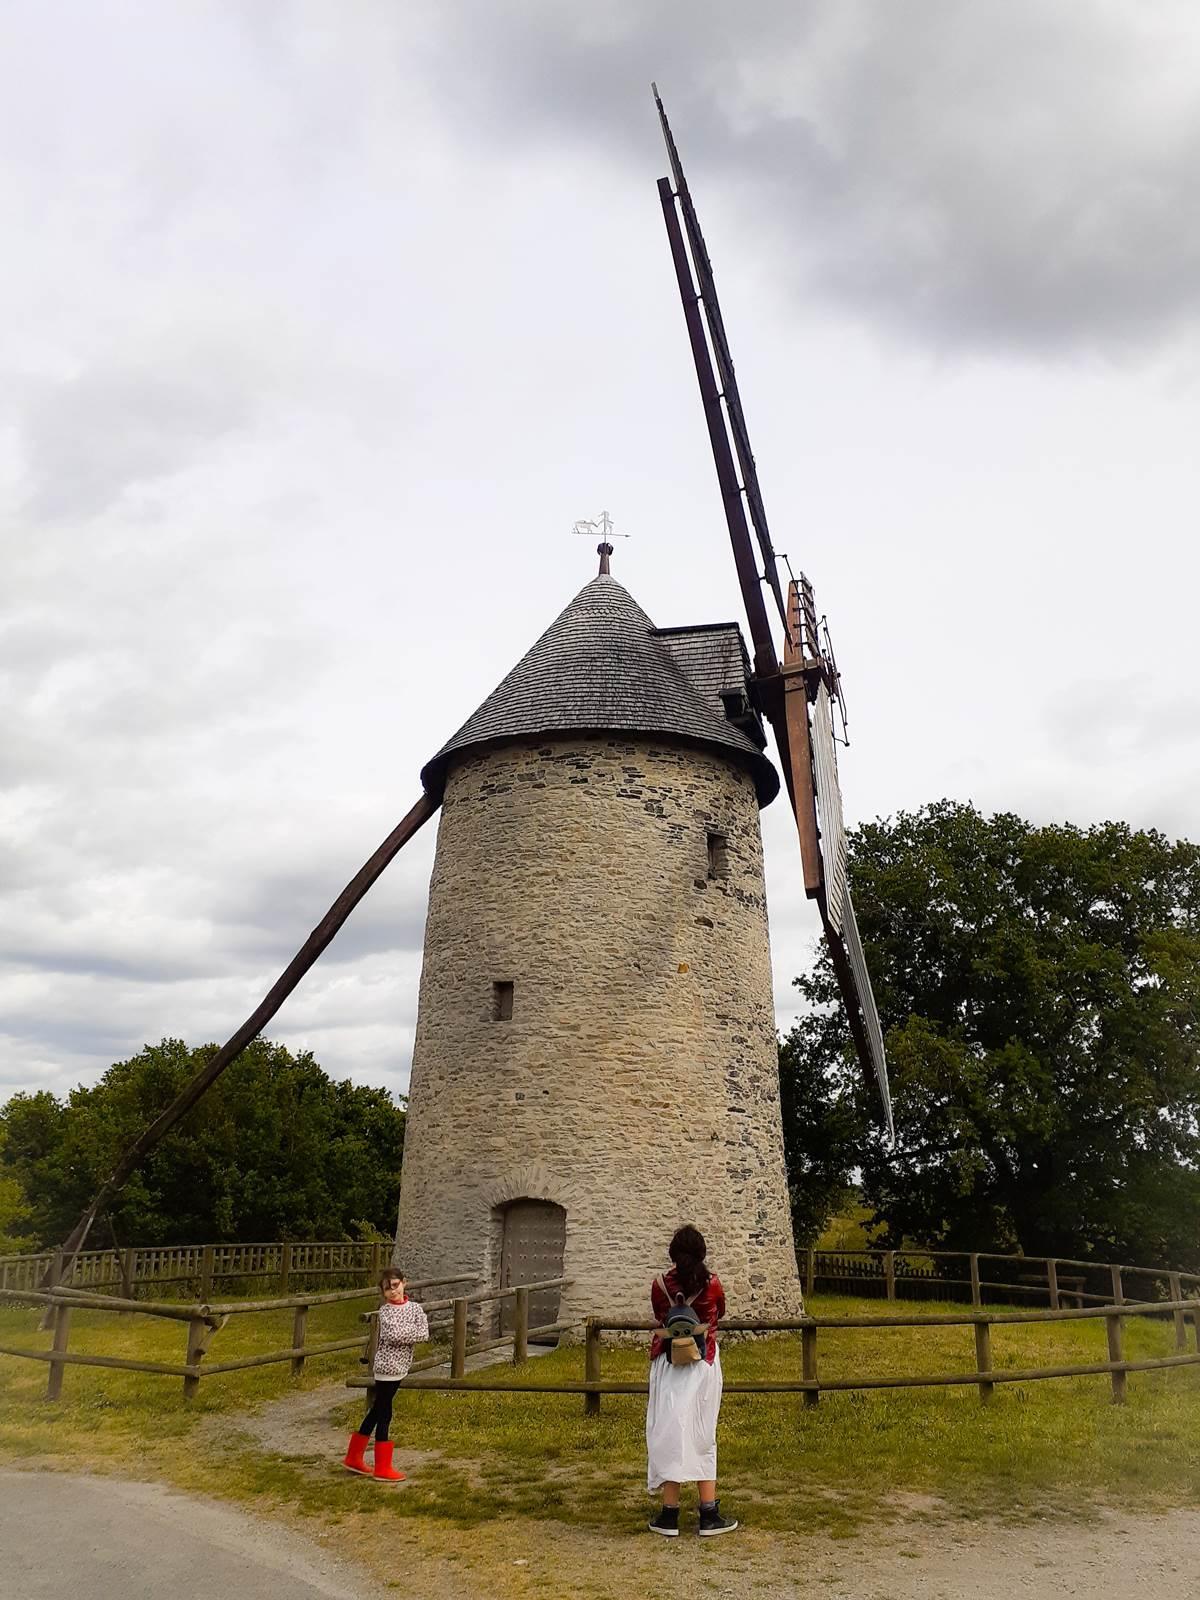 Pannece moulin idee de sortiespsx 20210505 174600